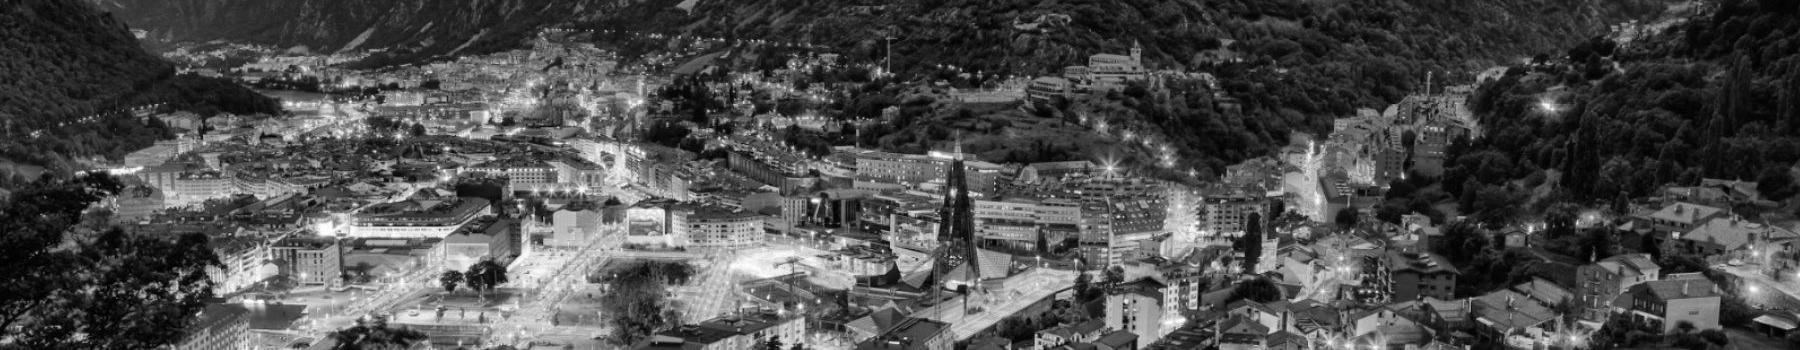 Andorra Nit Ciutat